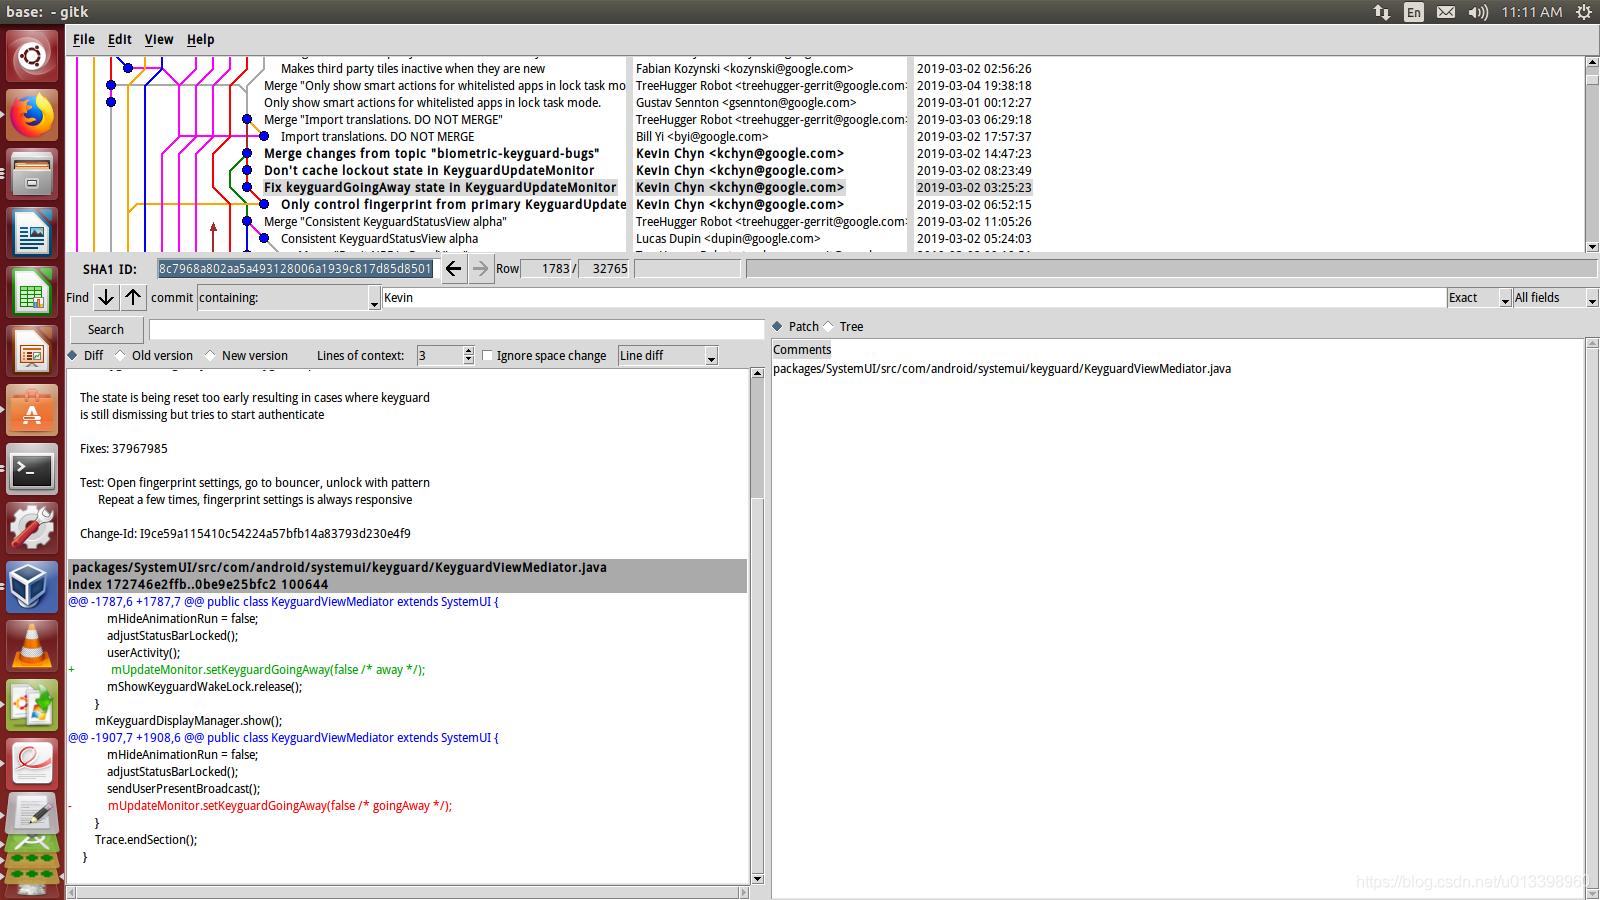 KeyguardGoingAway影响指纹激活指纹解锁监听状态时间点